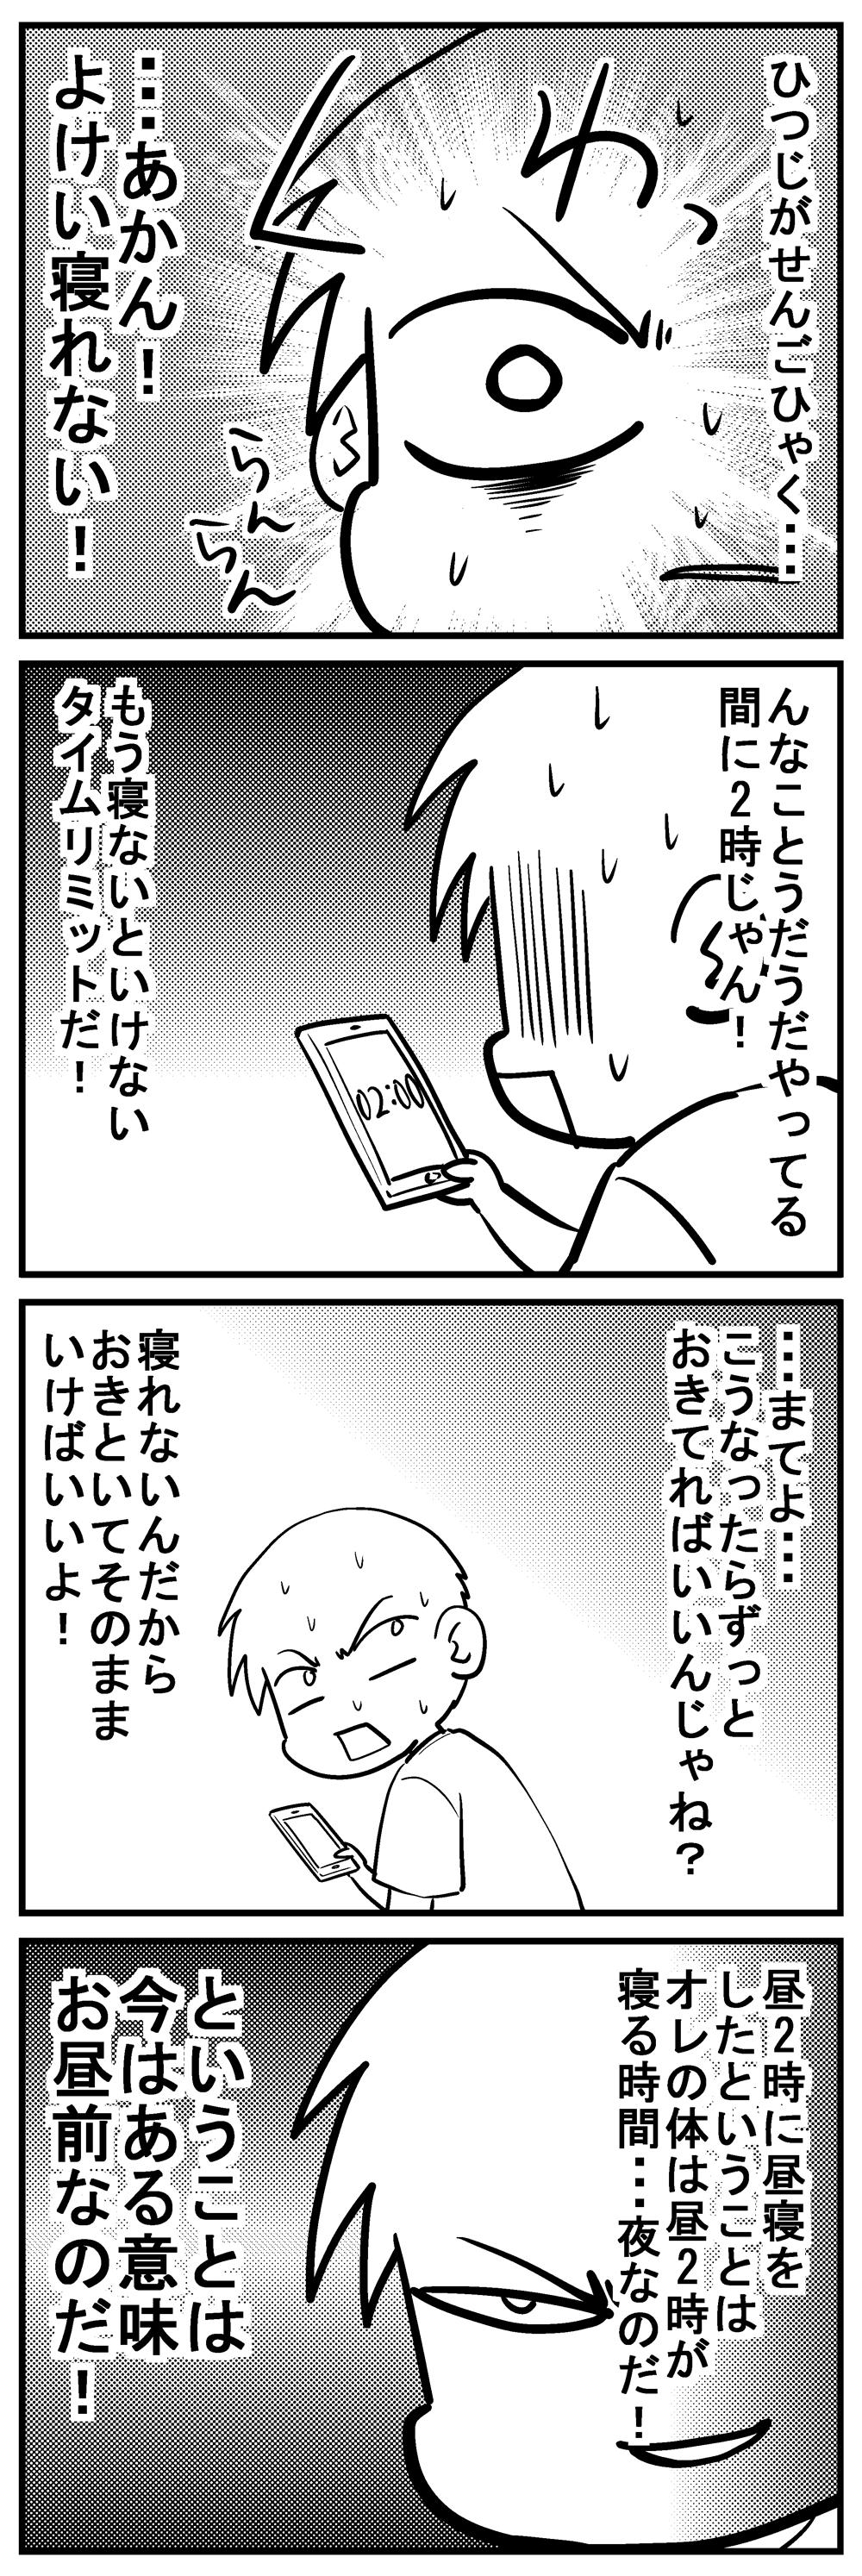 深読みくん67-3